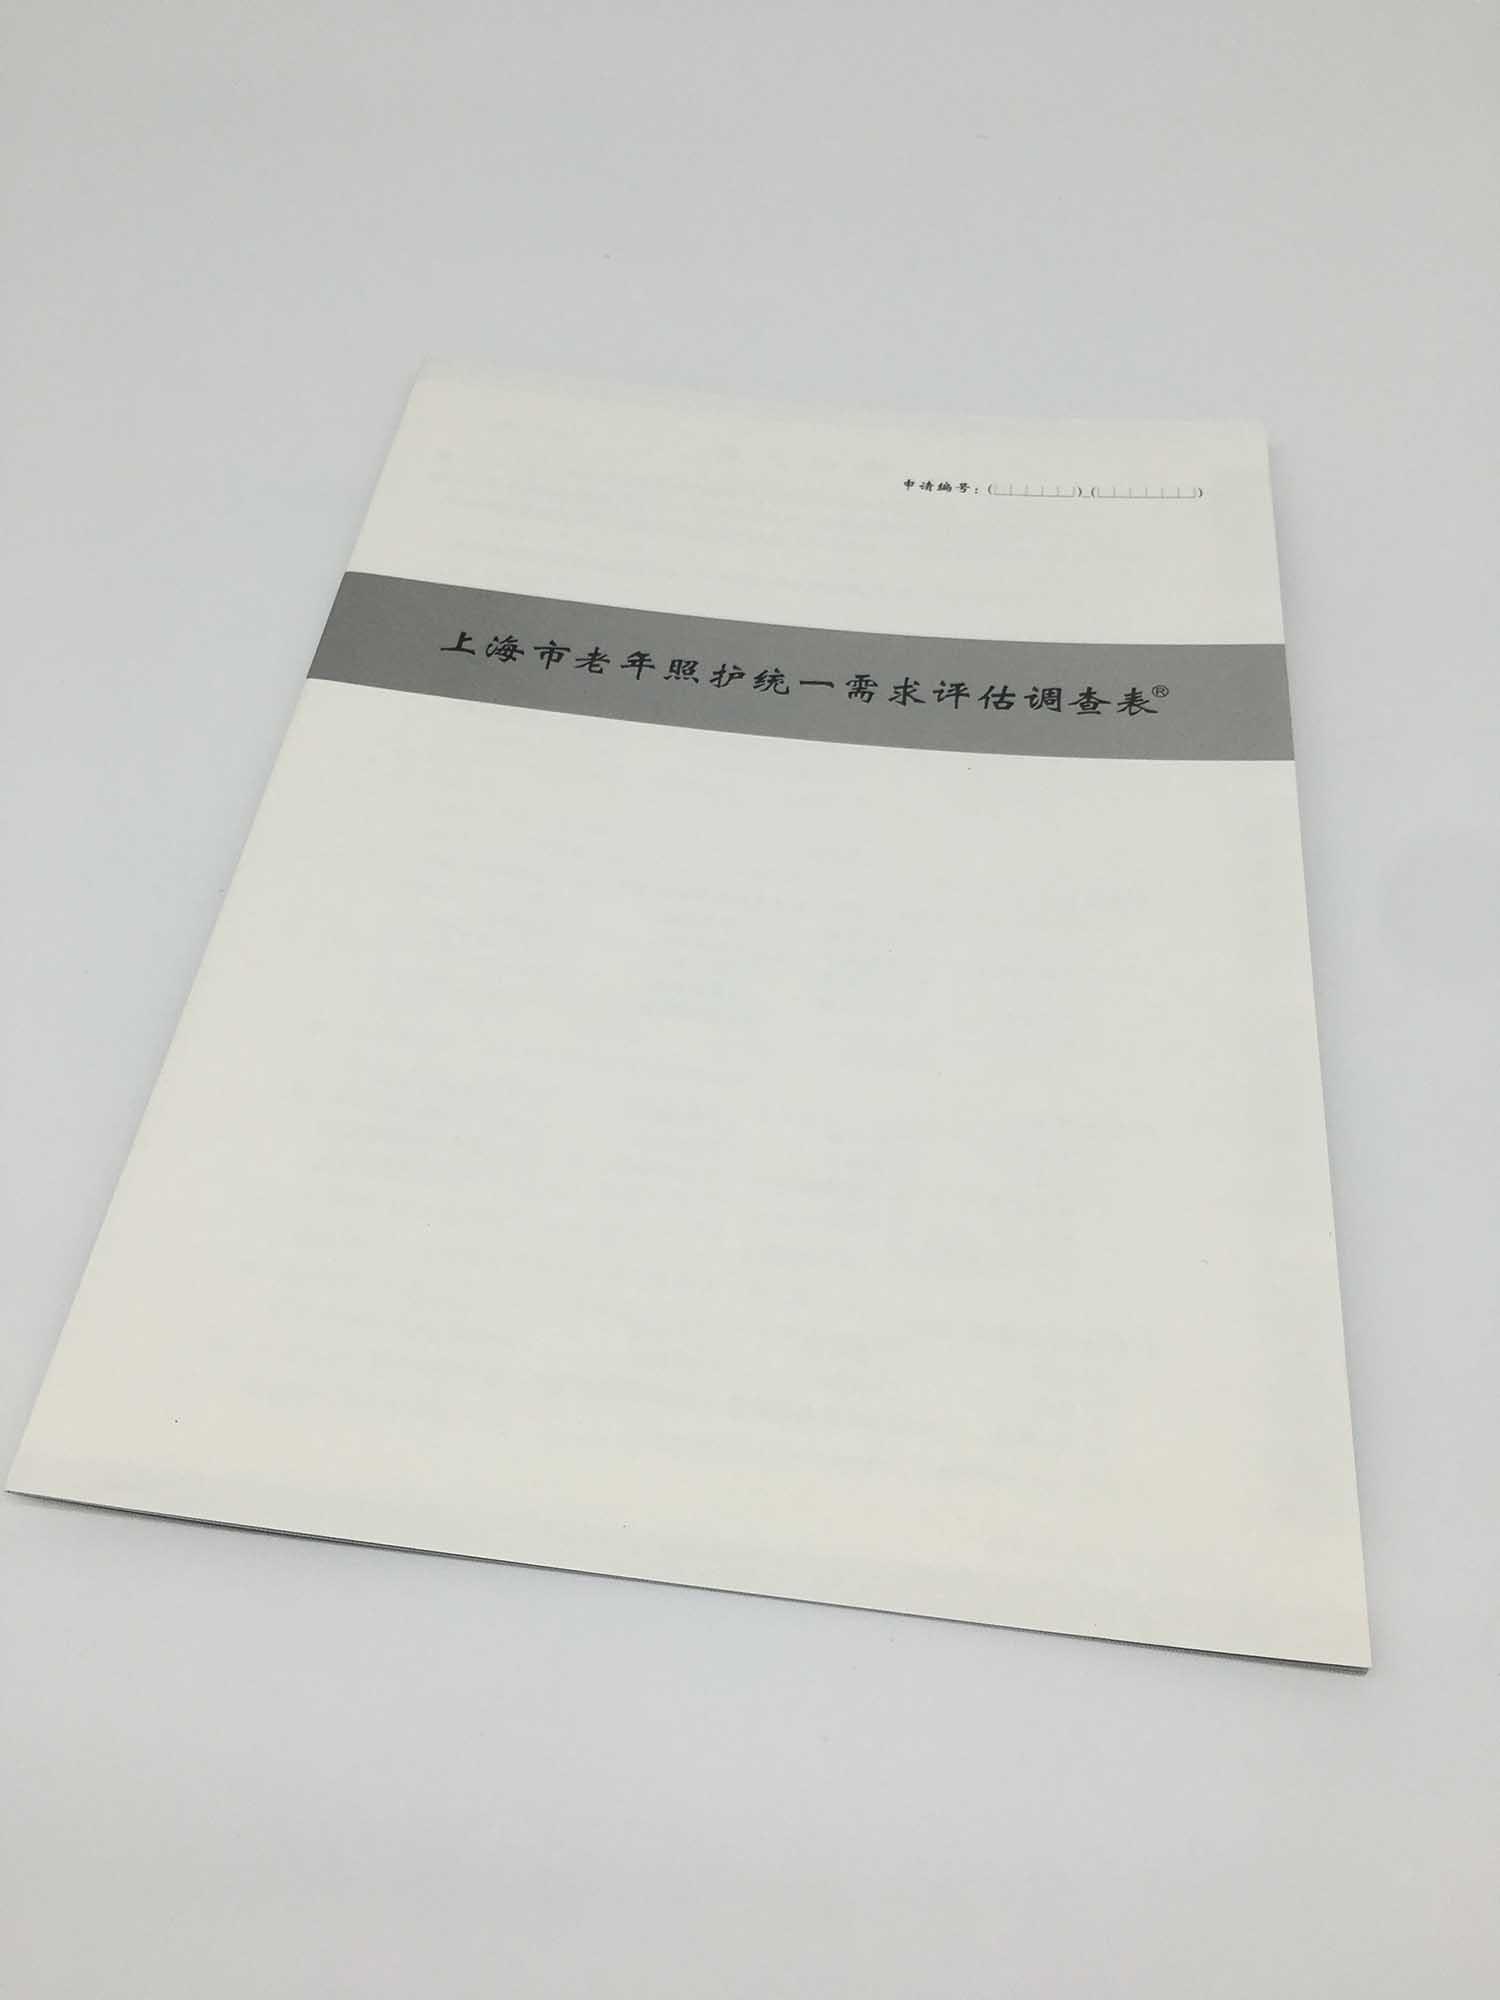 贵池产品宣传册印刷